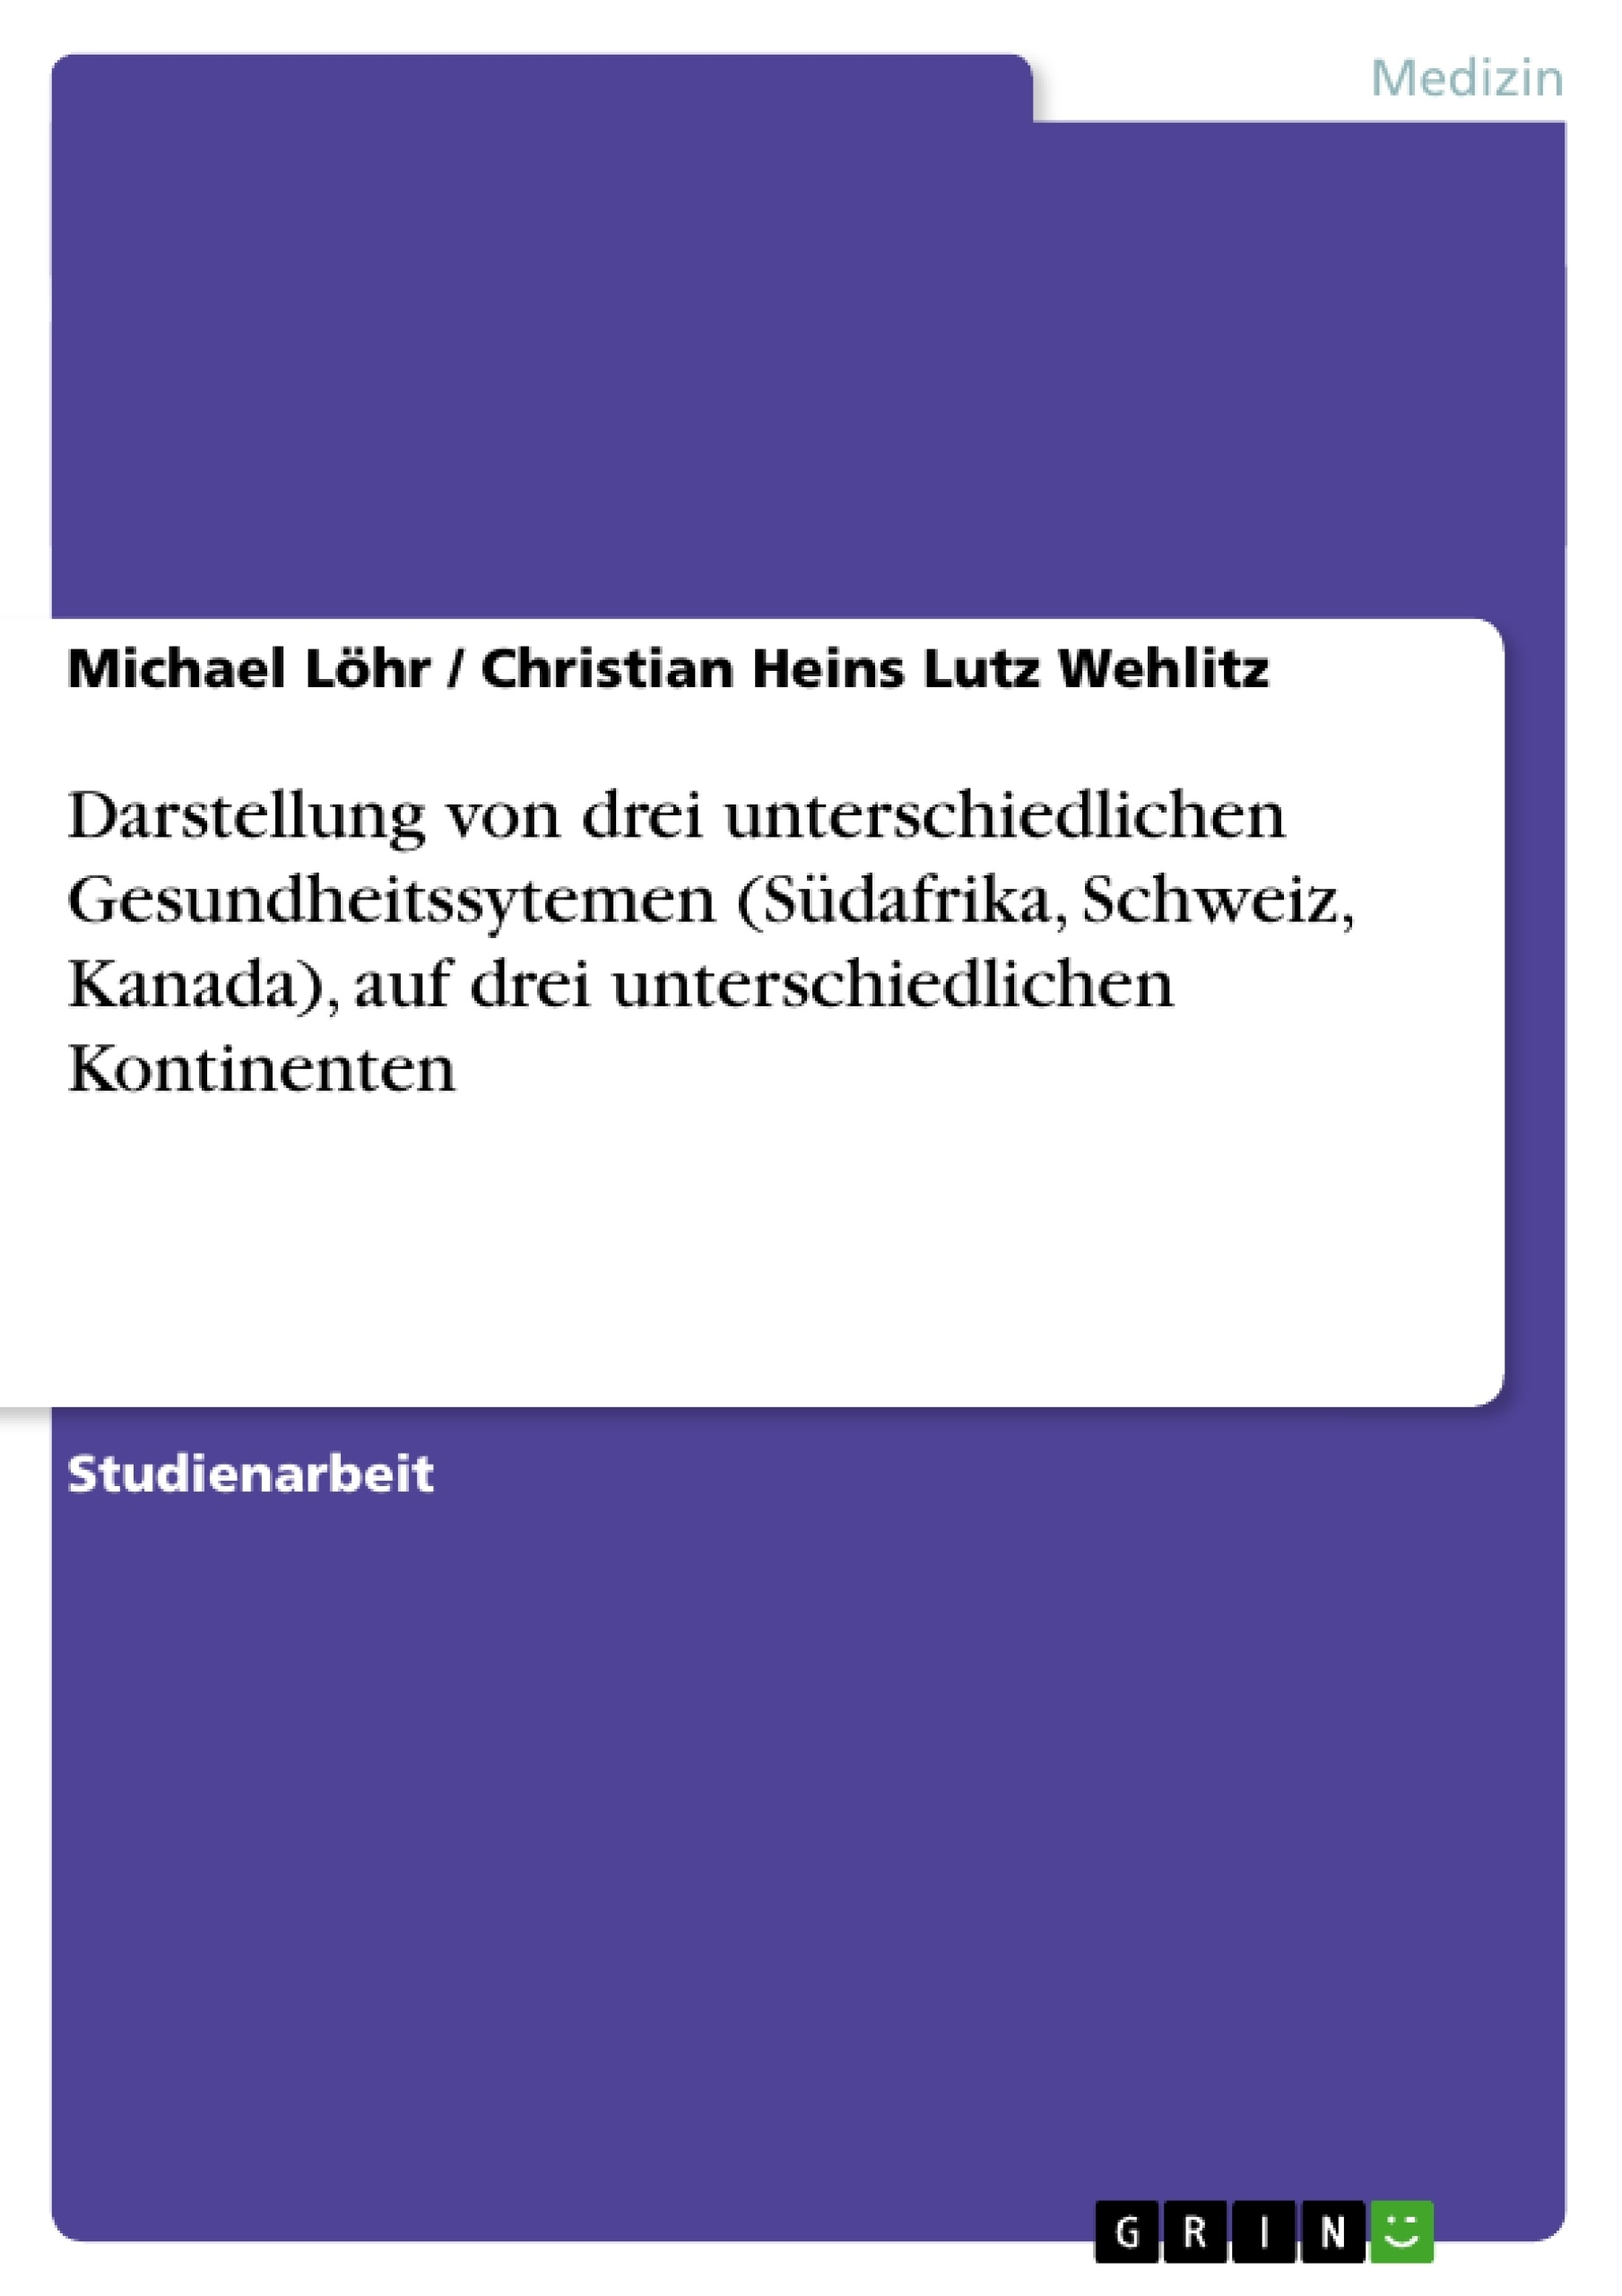 Titel: Darstellung von drei unterschiedlichen Gesundheitssytemen (Südafrika, Schweiz, Kanada), auf drei unterschiedlichen Kontinenten